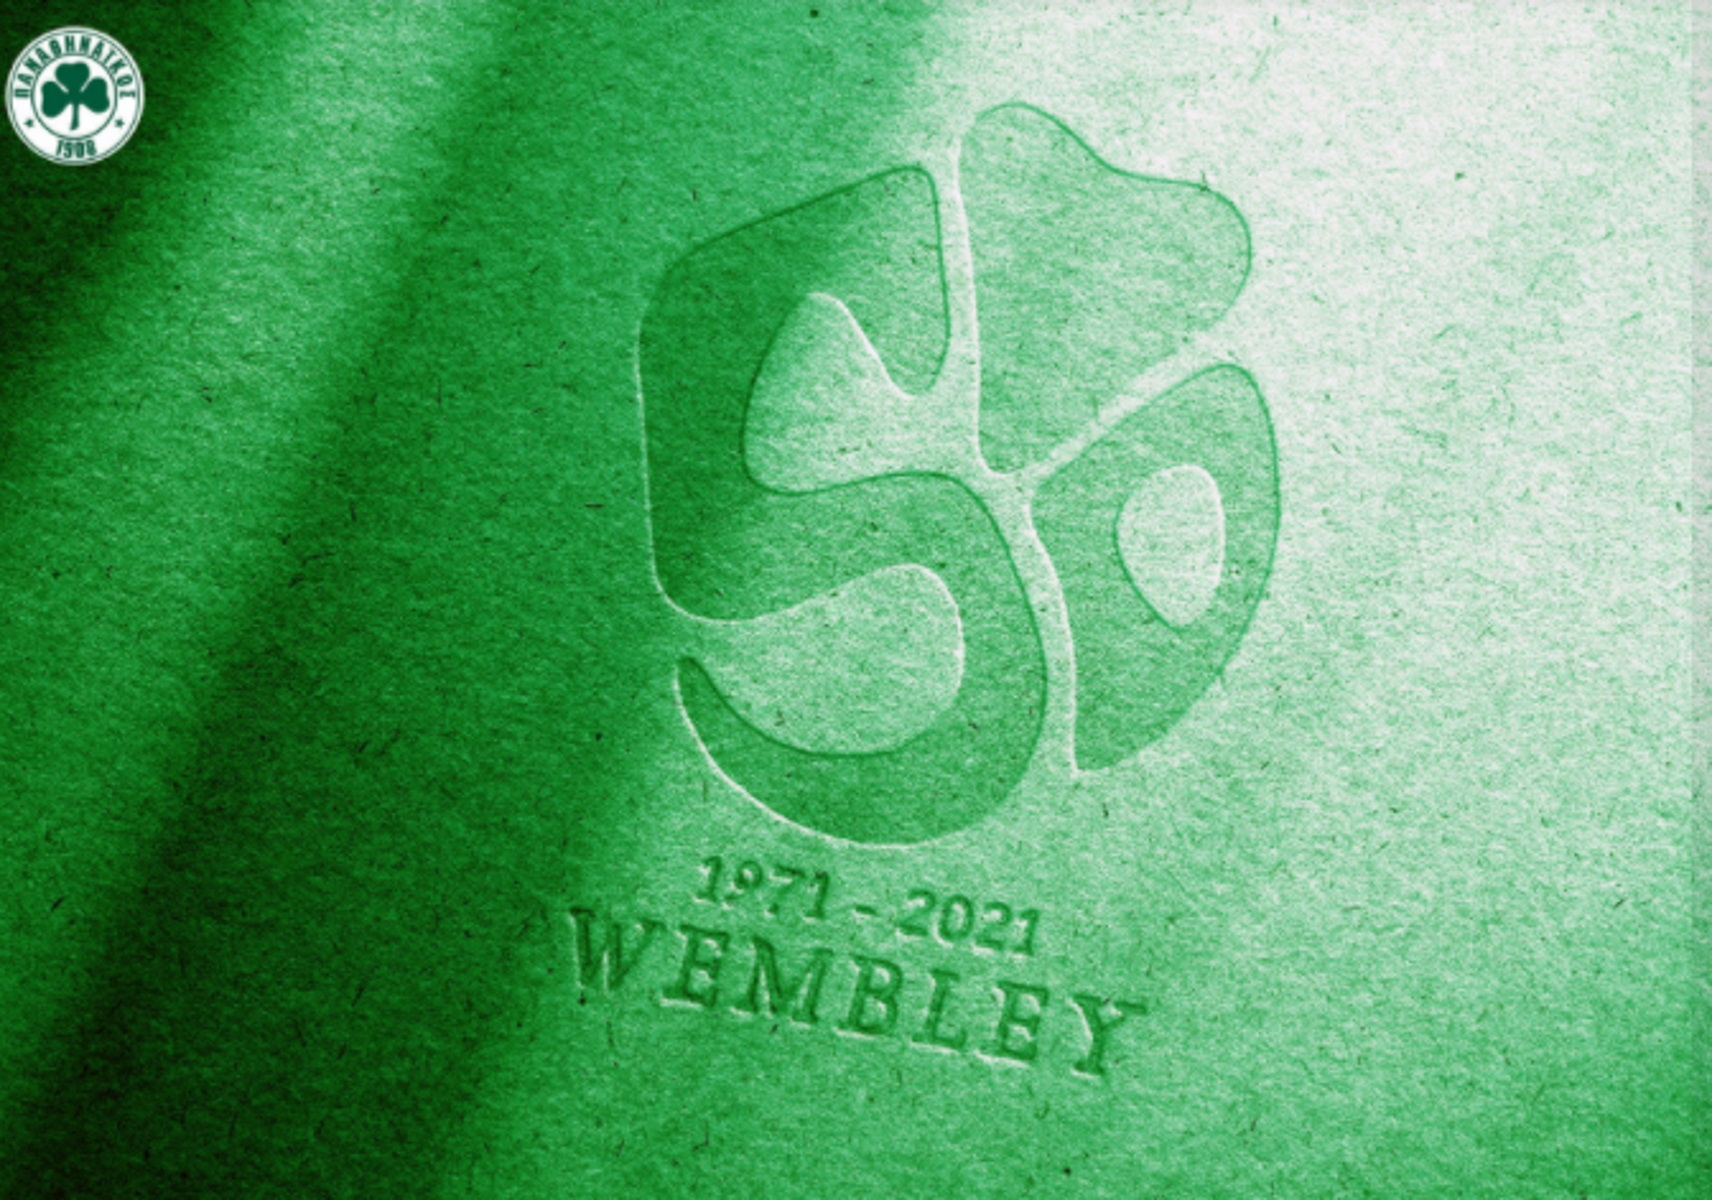 Παναθηναϊκός: Αυτό είναι το εορταστικό λογότυπο για το «Έτος Γουέμπλεϊ» (pic)